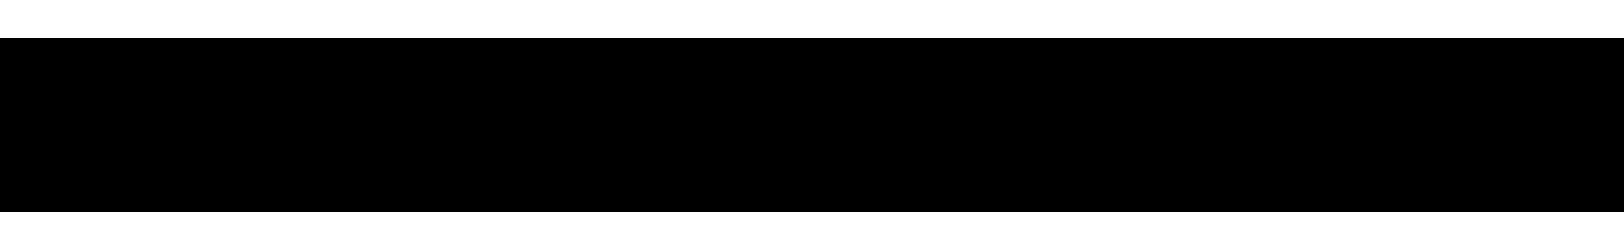 CHUBB-250h_web_v2